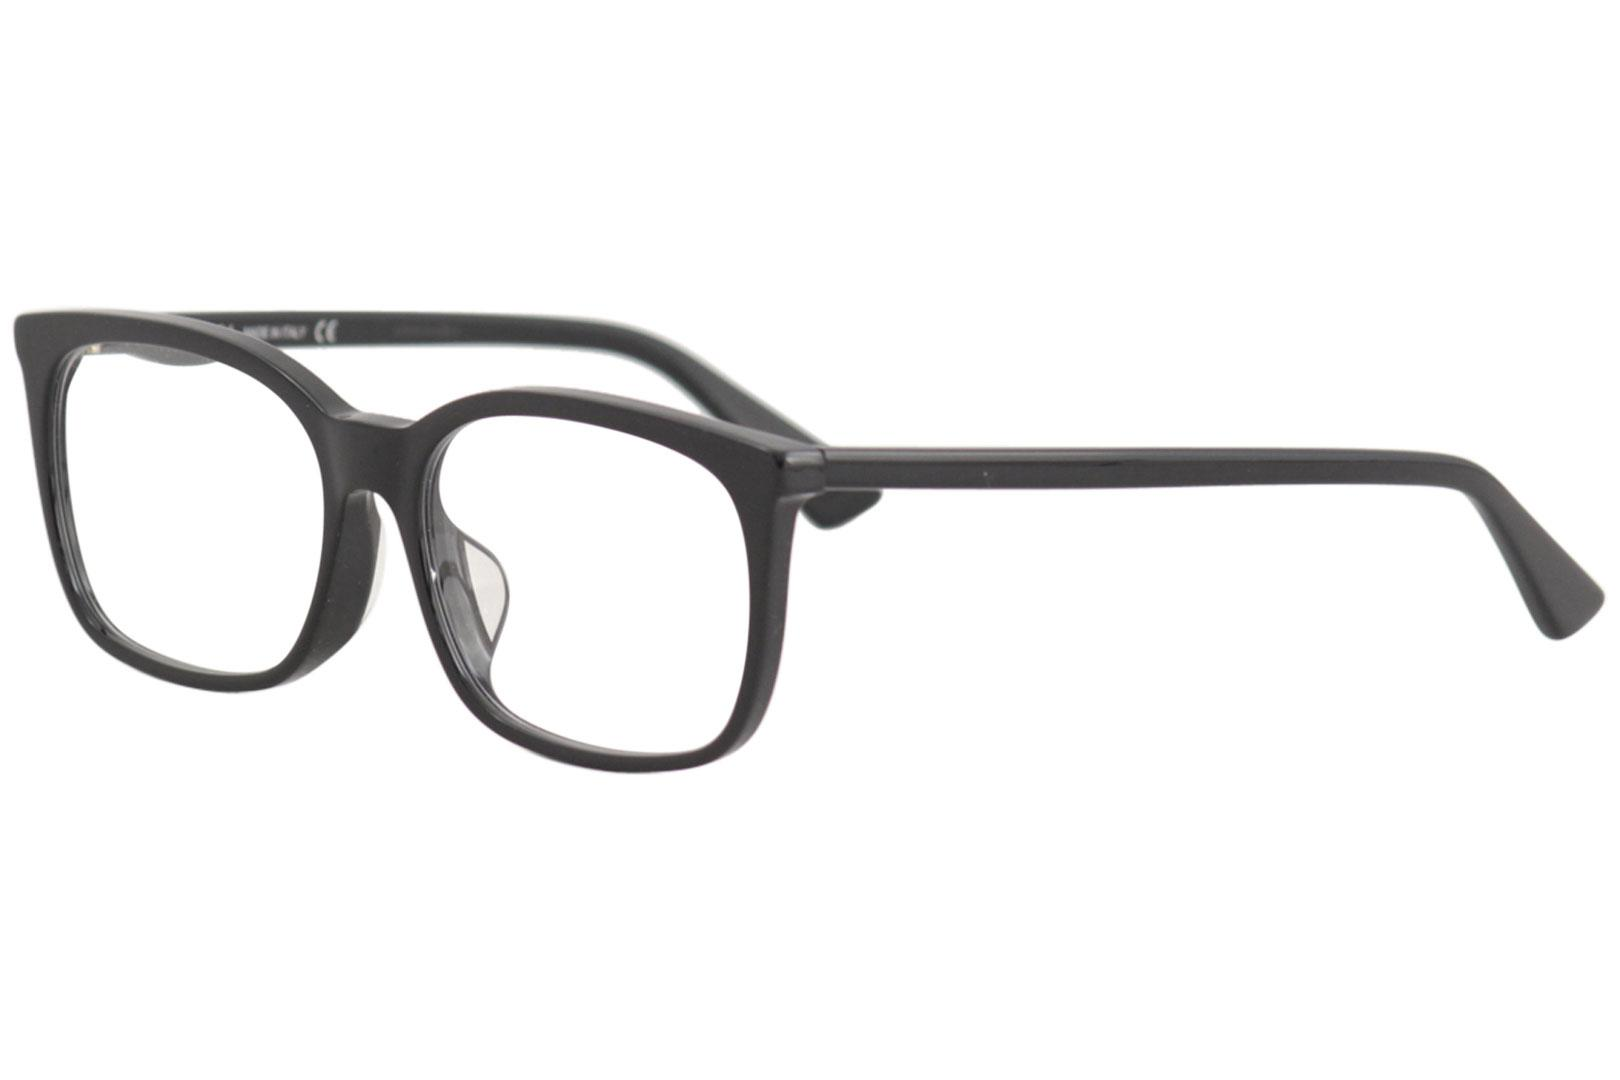 0ed4f3e43f6a Gucci Men's Eyeglasses Urban GG0333OA GG/0333/OA Optical Frame